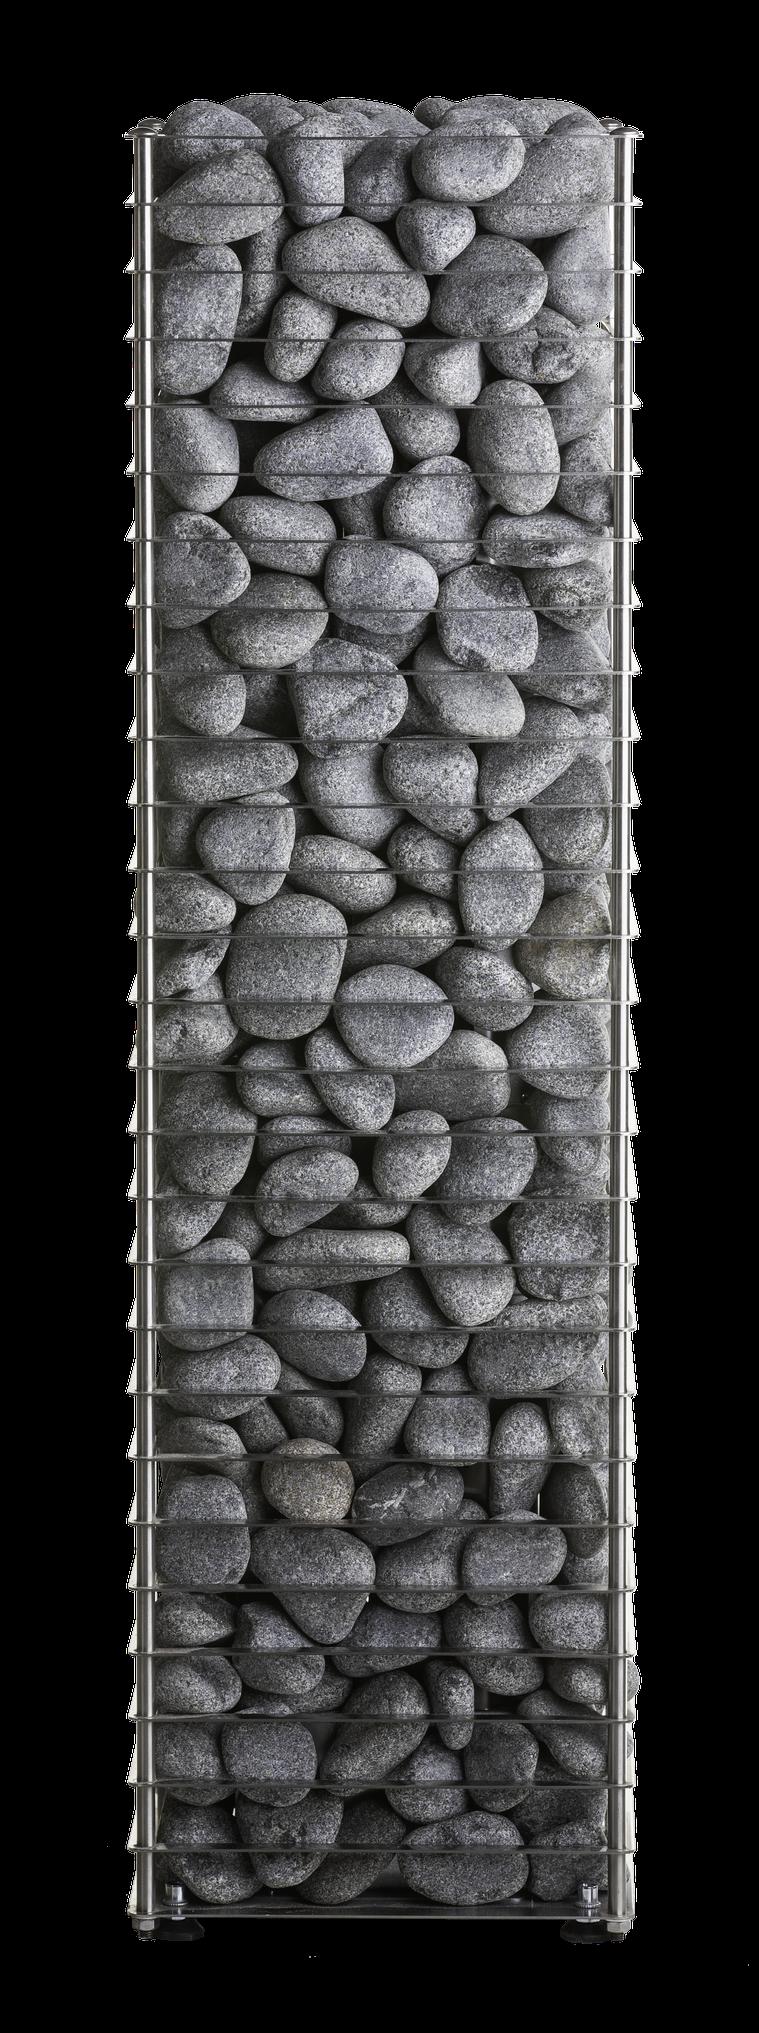 Afbeelding van Huum Cliff 3,5 kW saunakachel (externe besturing)